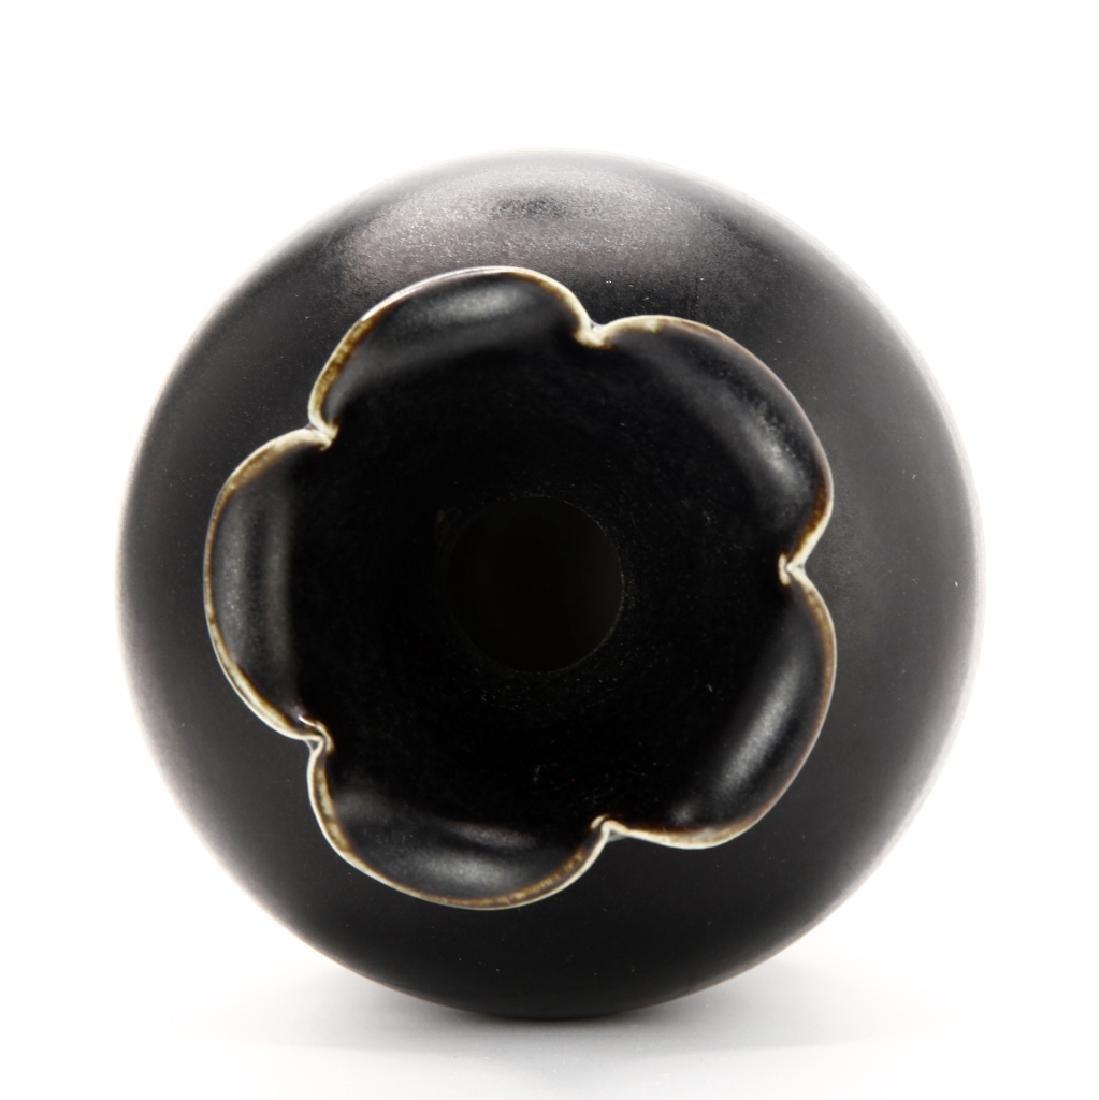 Black Glazed Ting Baluster Vase - 3